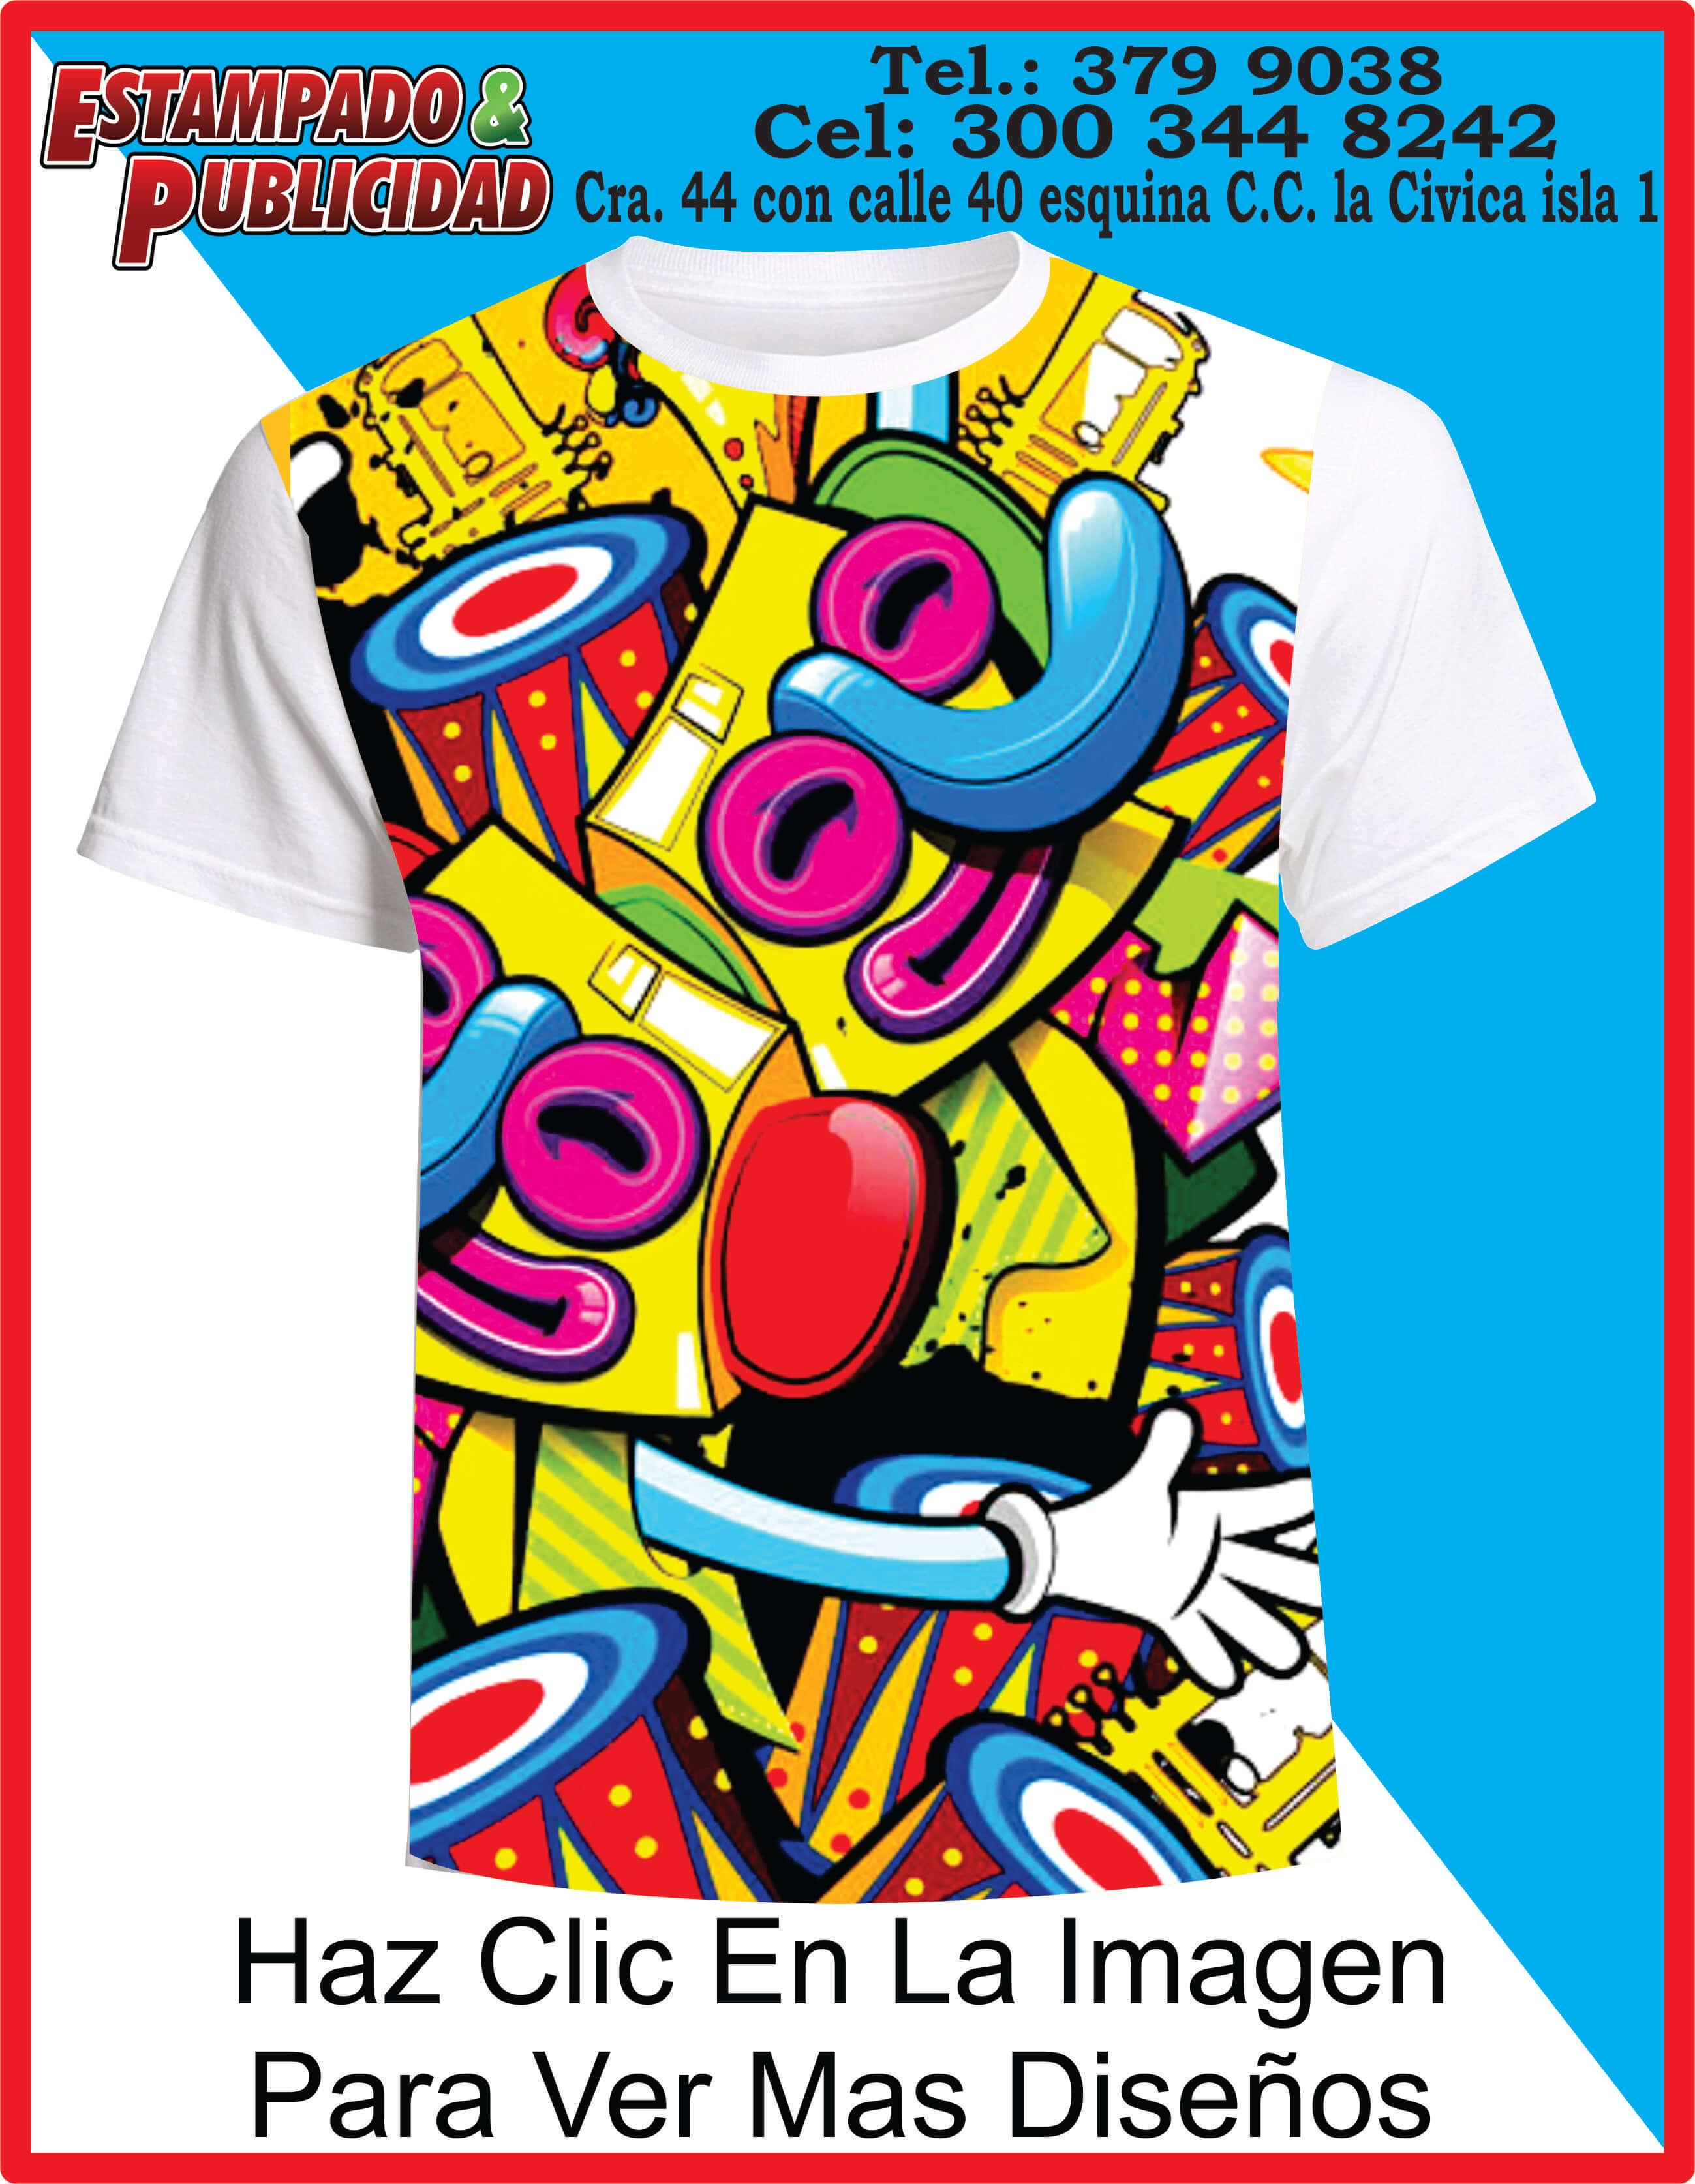 4f641f801d1ea camisetas de carnaval 2019 3 - Estampado y Publicidad